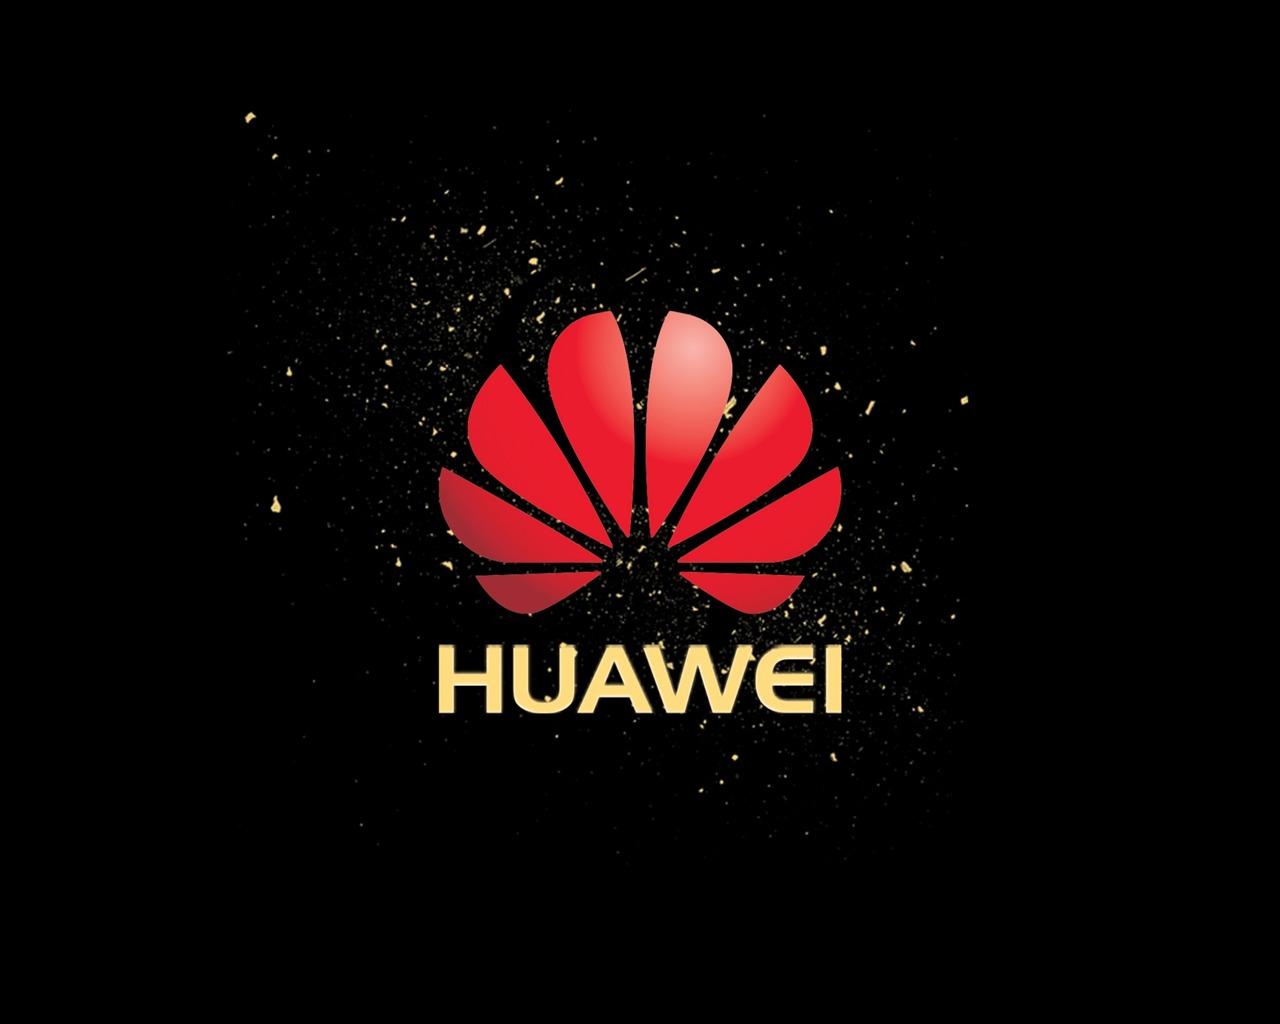 2014年日历壁纸_华为Logo-2017高品质壁纸预览 | 10wallpaper.com